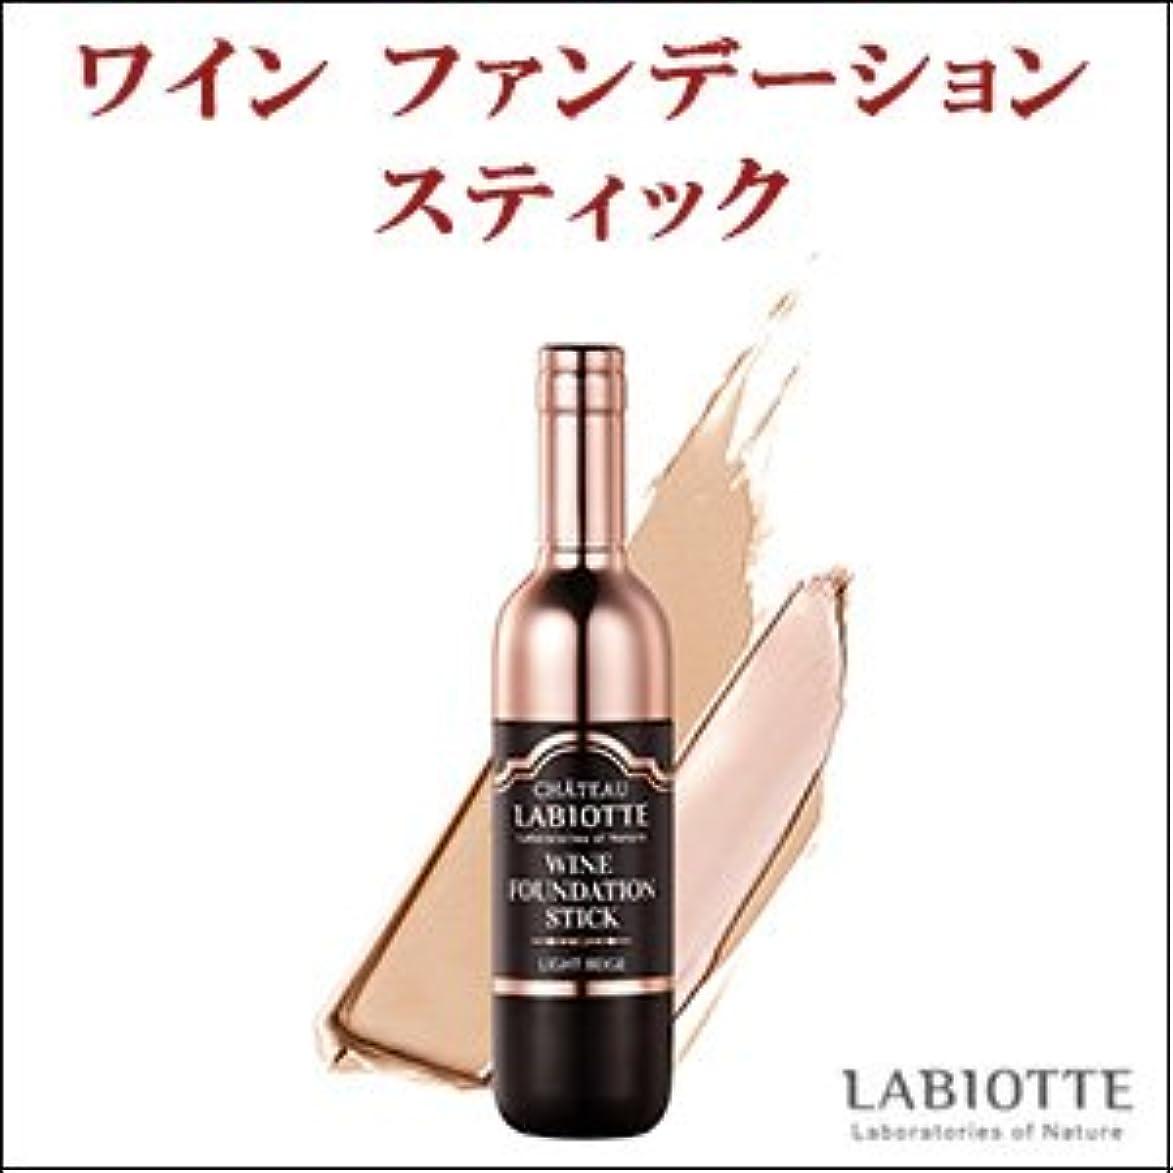 気がついてセラフセーブLABIOTTE シャトー ラビオッテ ワイン ファンデーション スティック カラー:BE23 ナチュラルベージュ